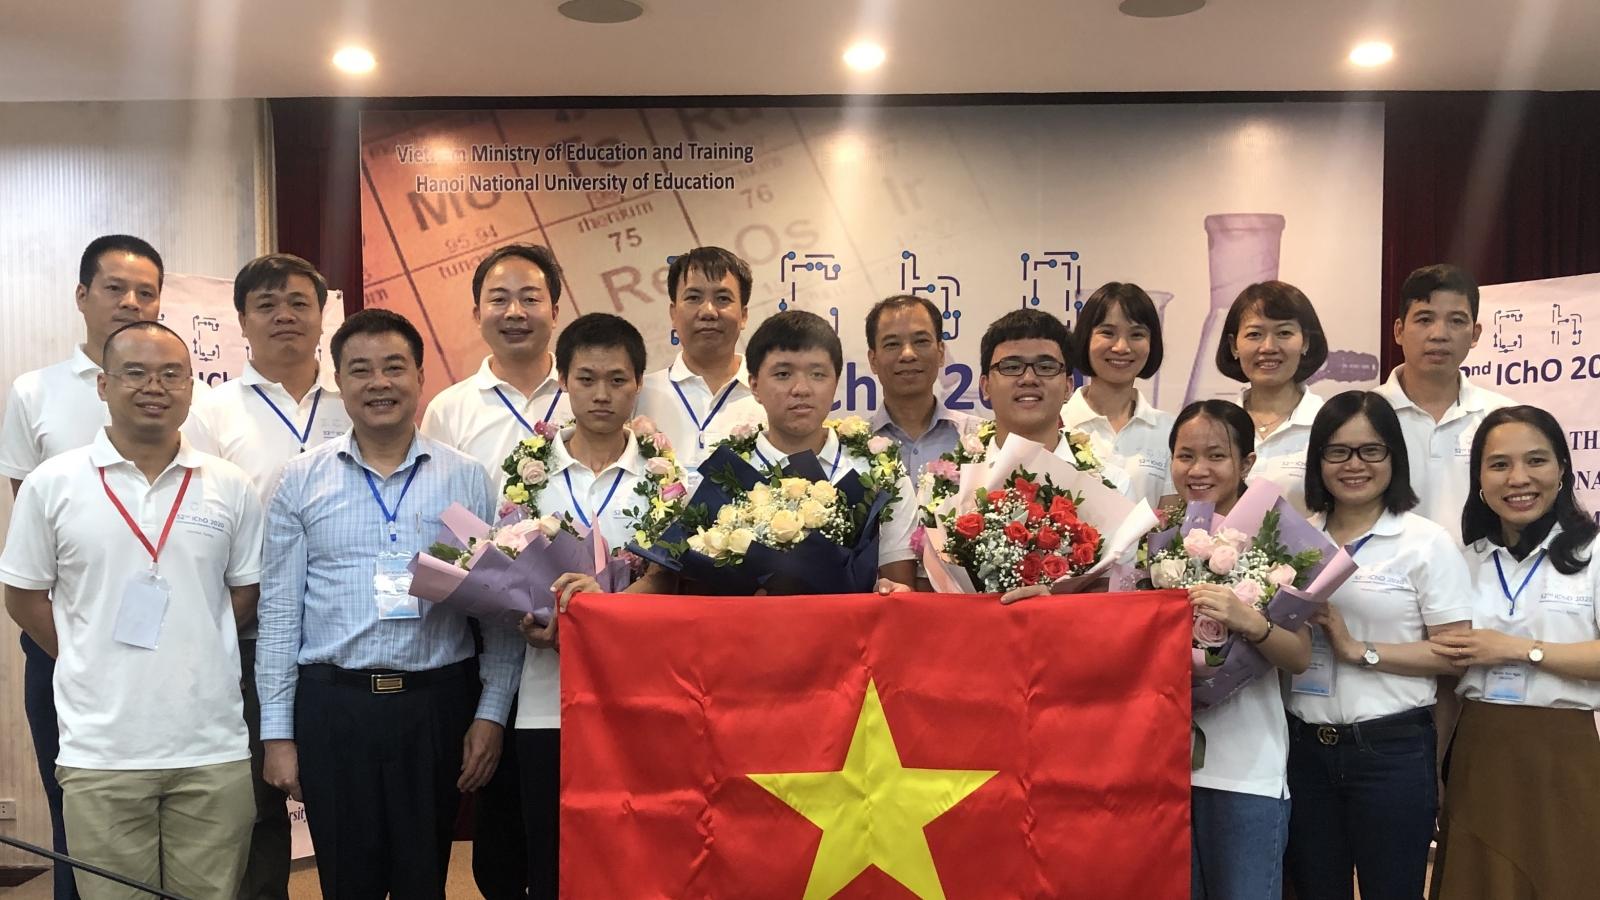 4/4 học sinh Việt Nam đoạt Huy chương Vàng tại Olympic Hóa học quốc tế